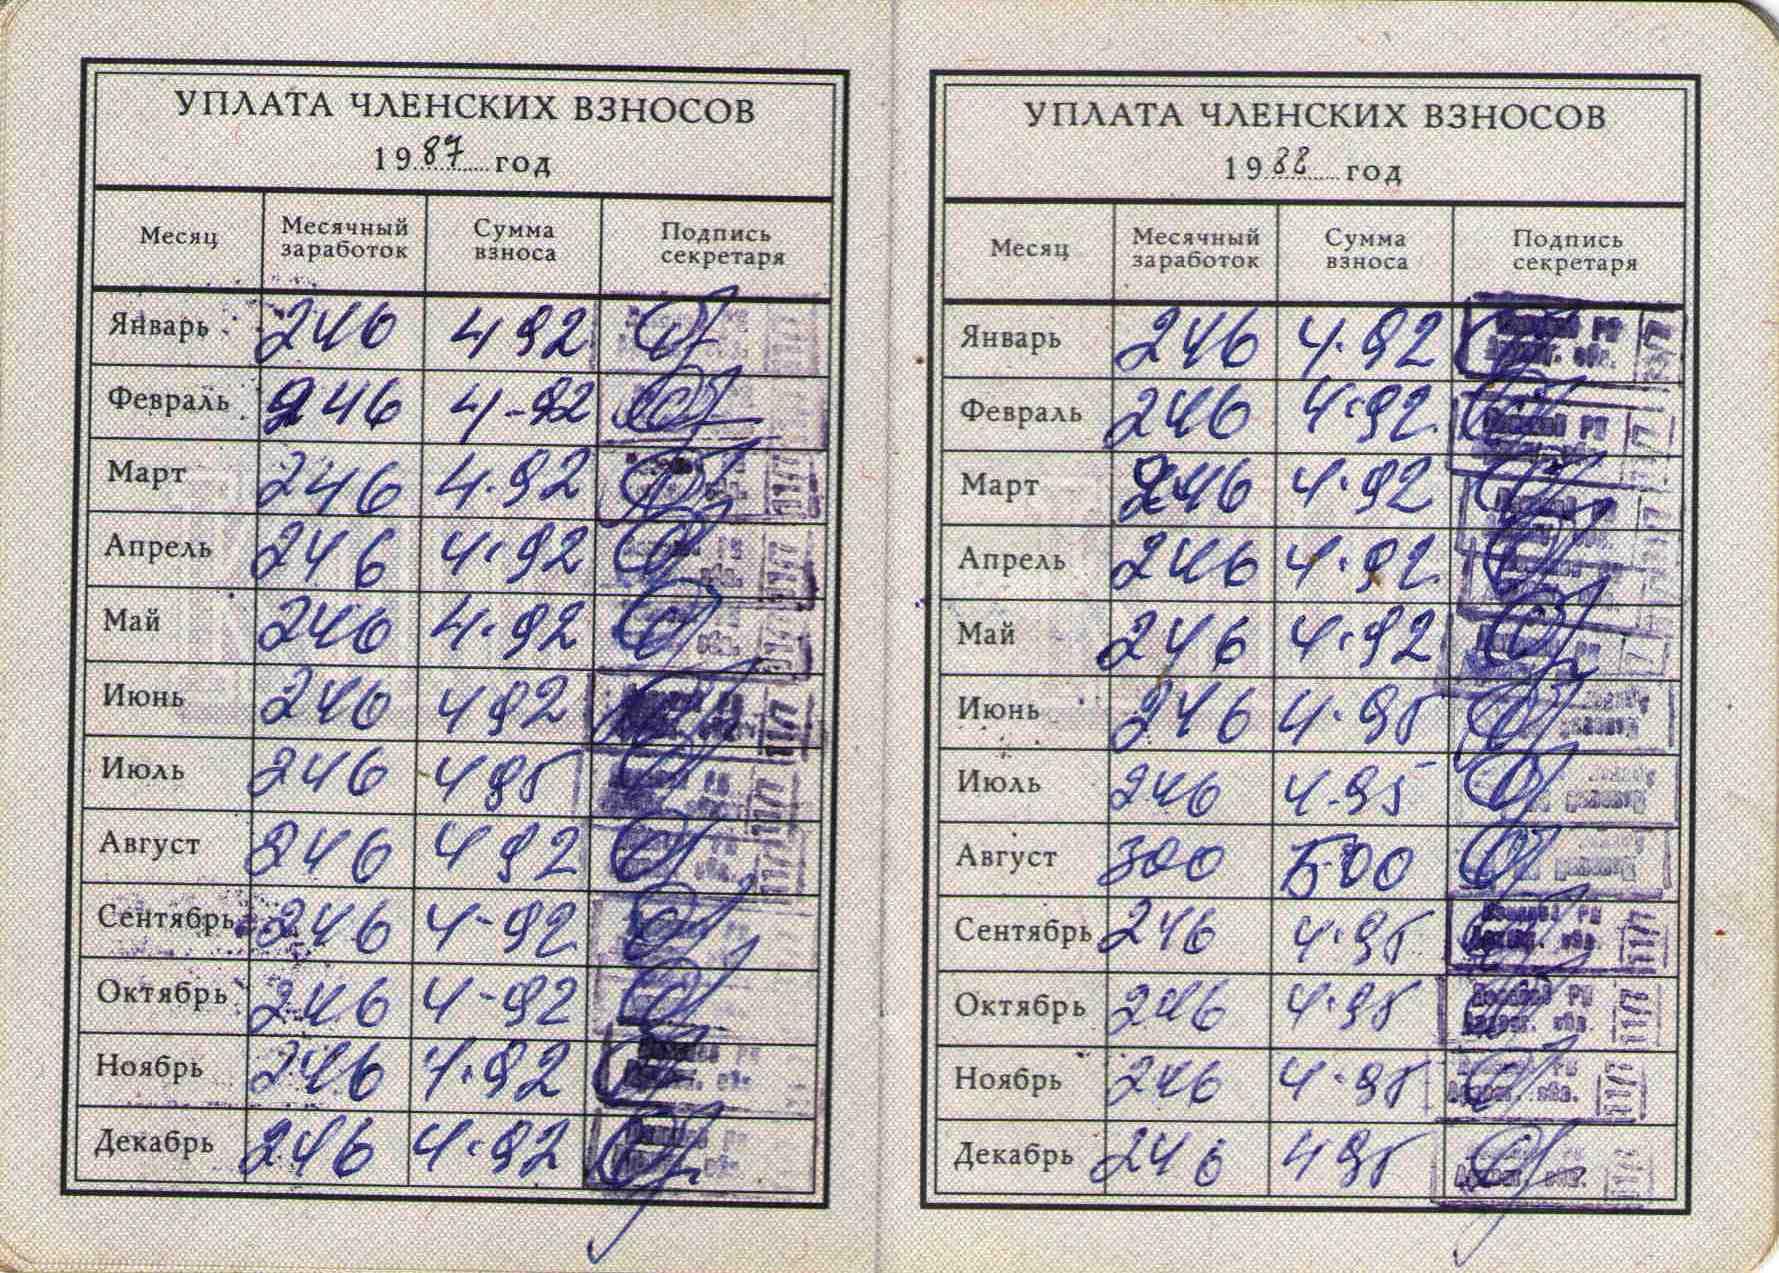 74. Партийный билет Барыкина ПП, 1974